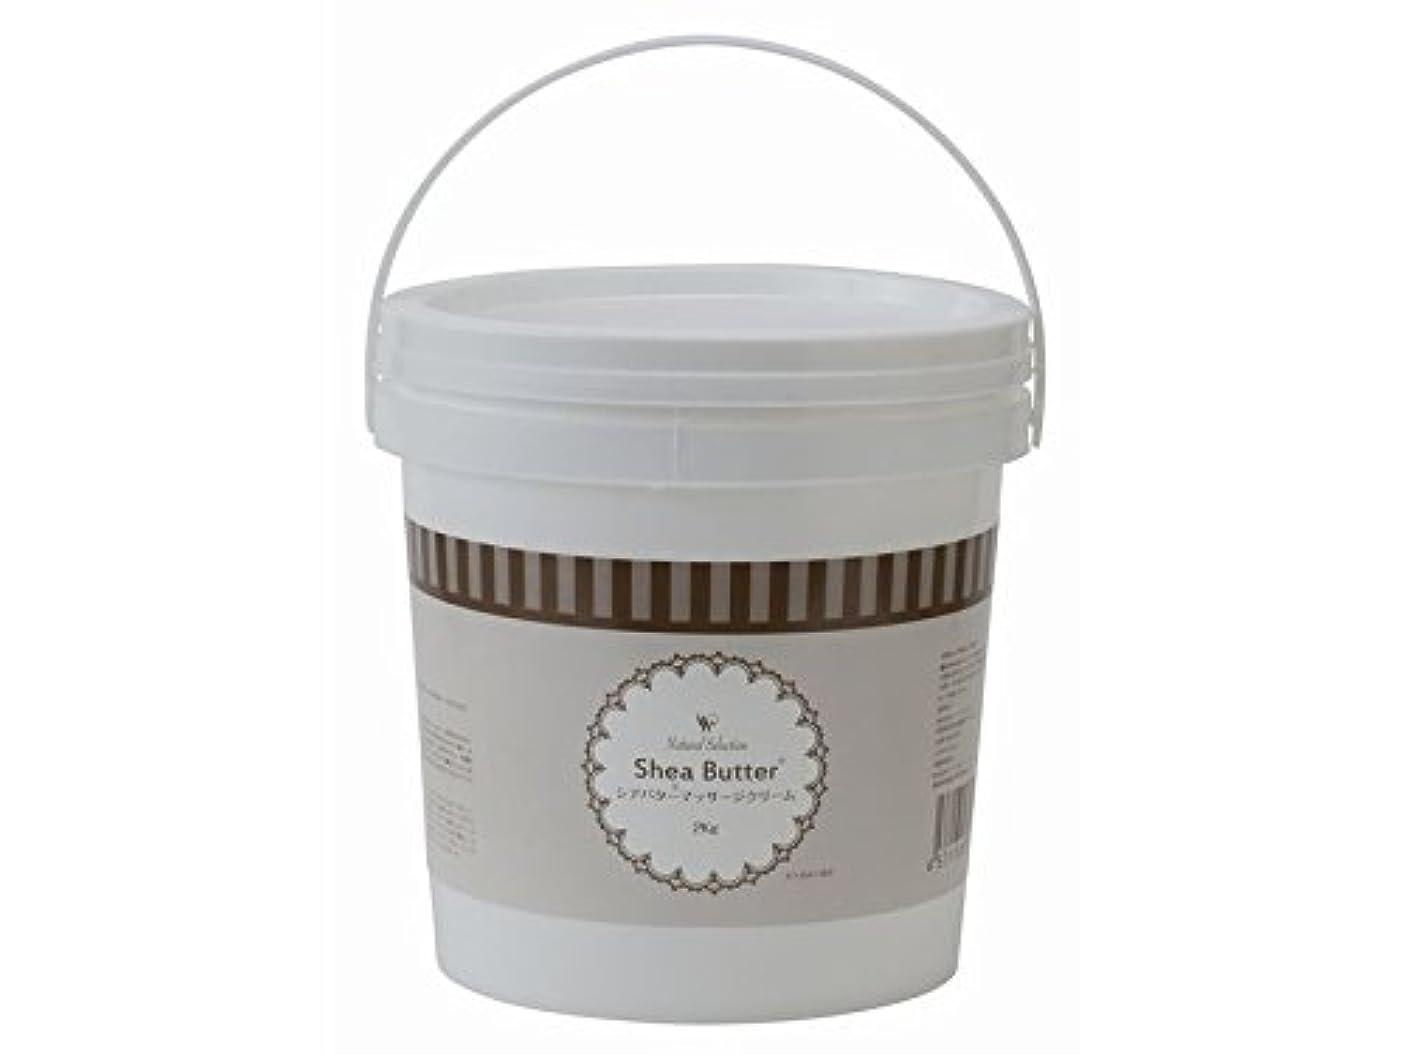 ピッチャー国分散シアバターマッサージクリーム 2kg 【業務用】